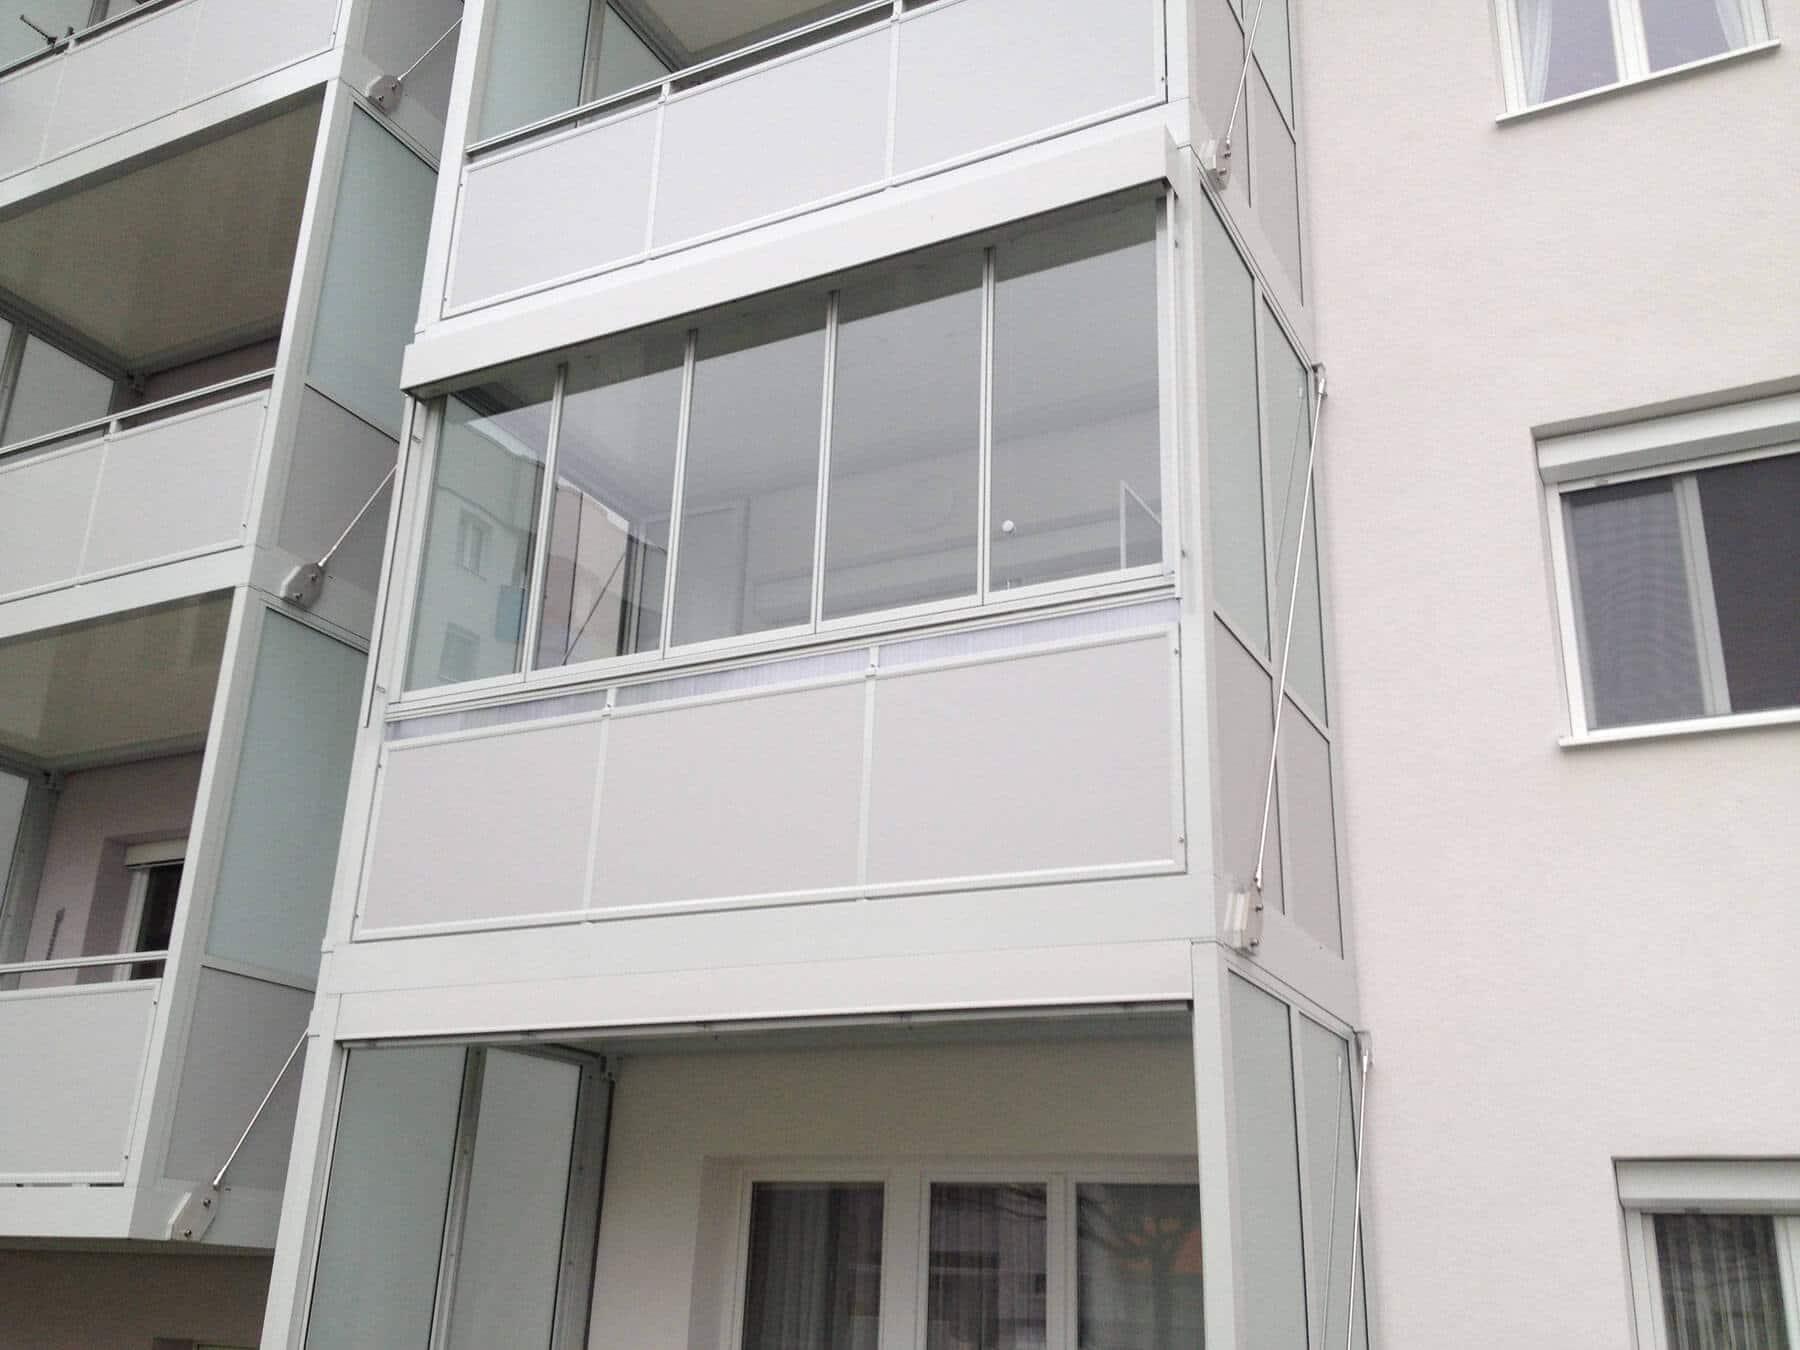 Balkonverglasung in weiß